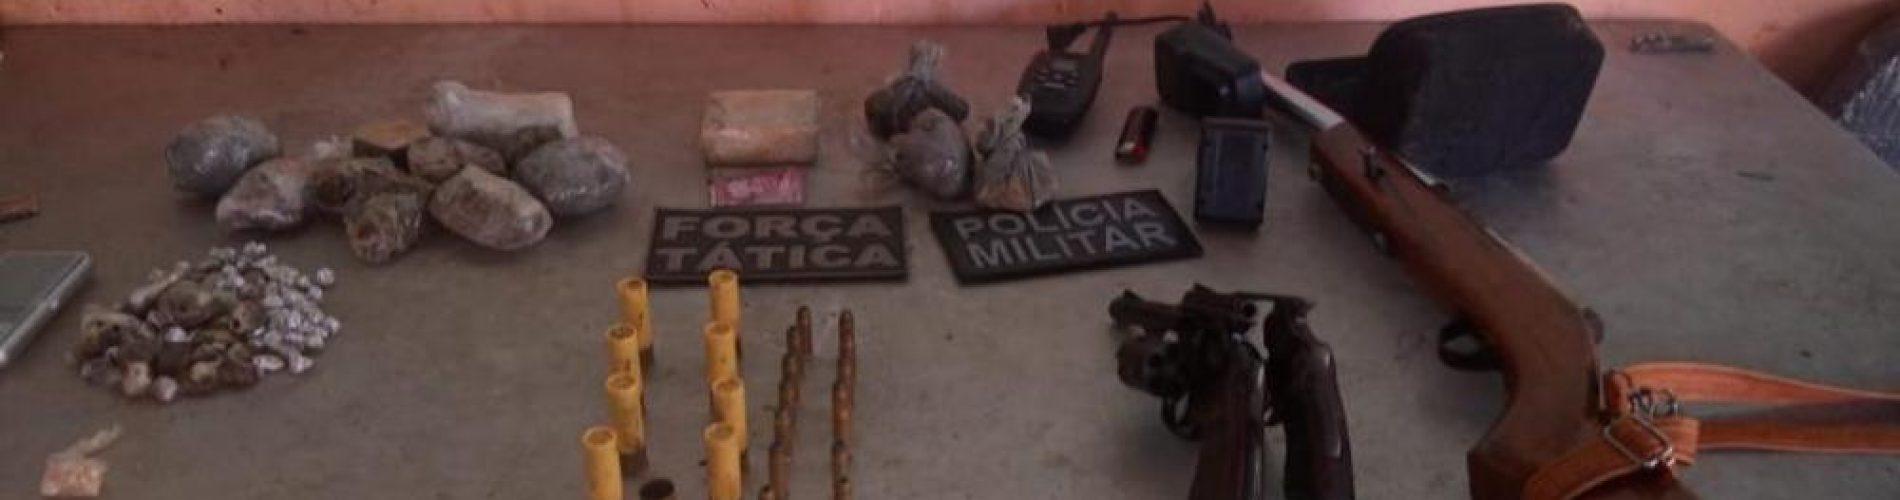 Após troca de tiros, PM prende três acusados de tráfico de drogas no Piauí